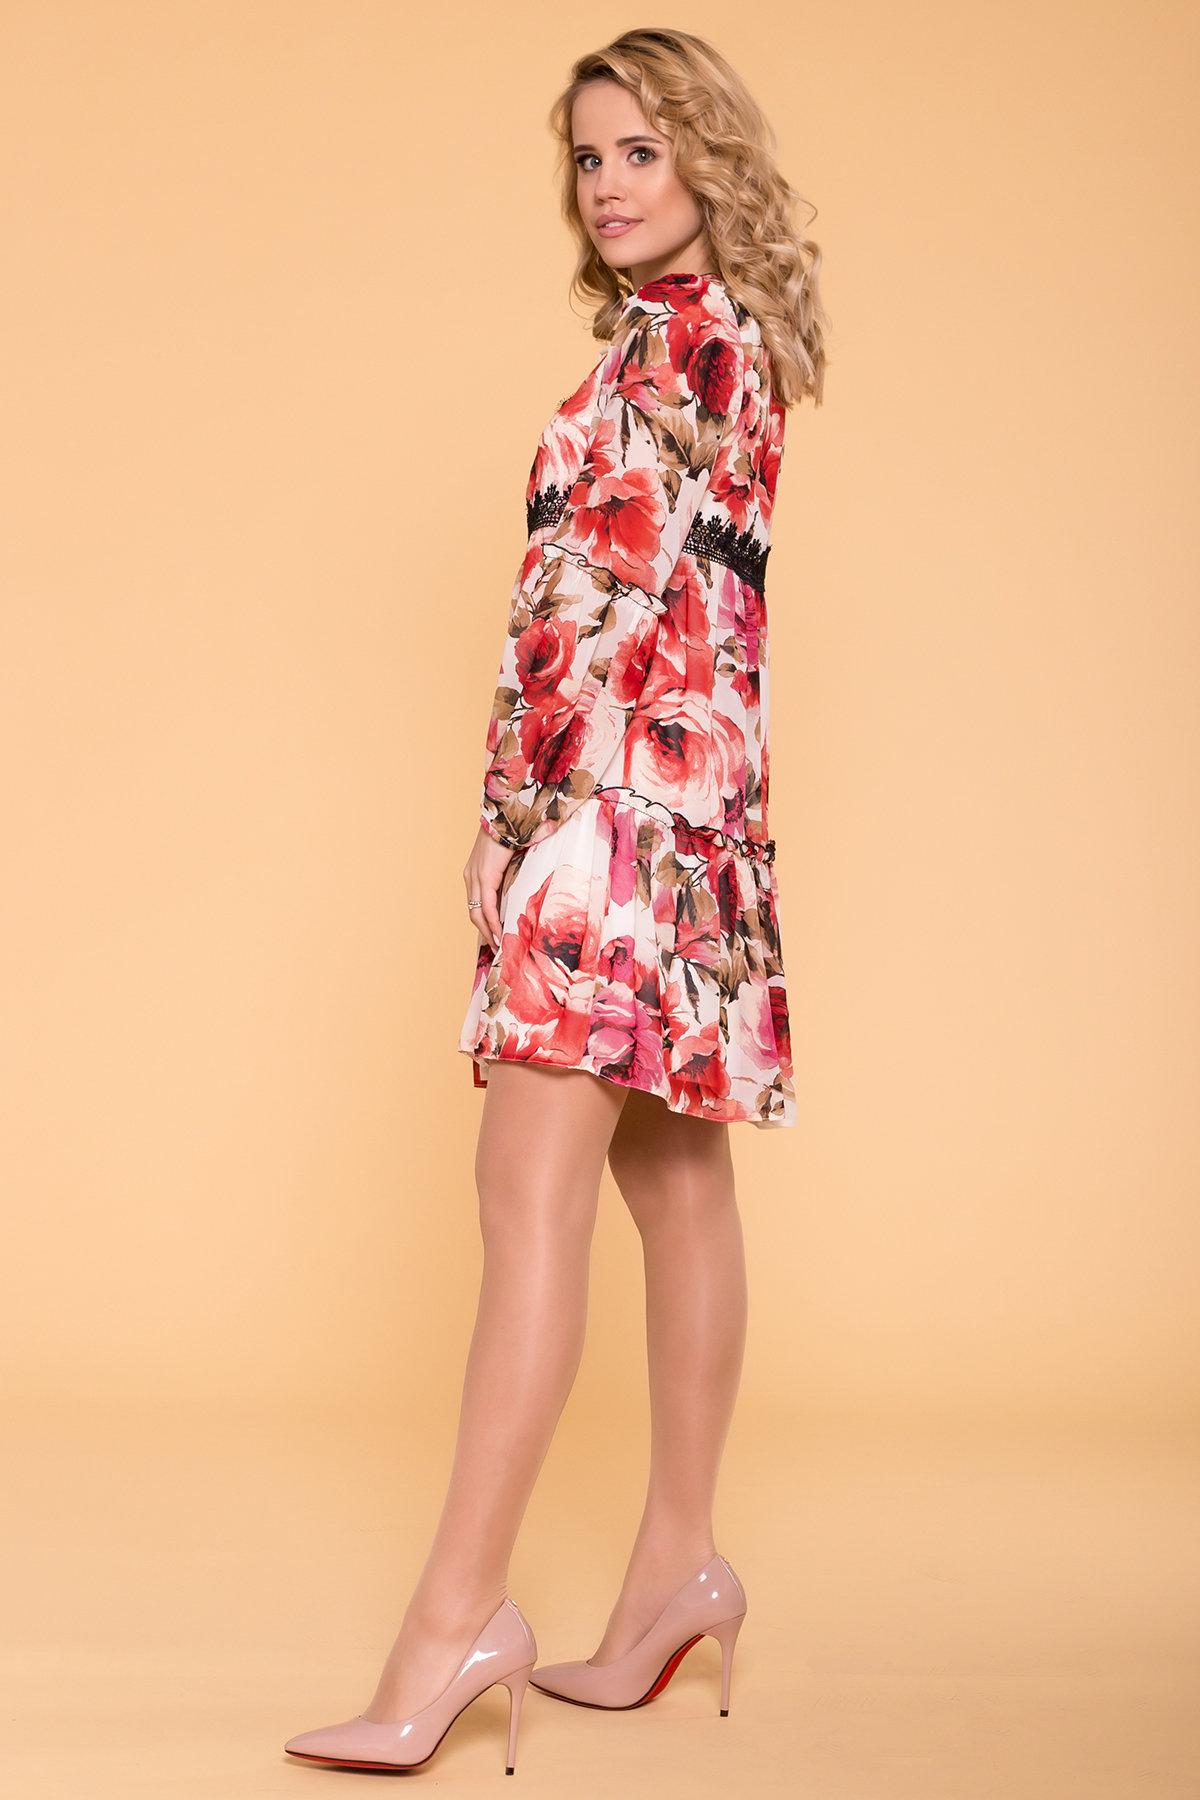 Платье Лотти 6492 АРТ. 41968 Цвет: Розы молоко/коралл/молоко - фото 2, интернет магазин tm-modus.ru